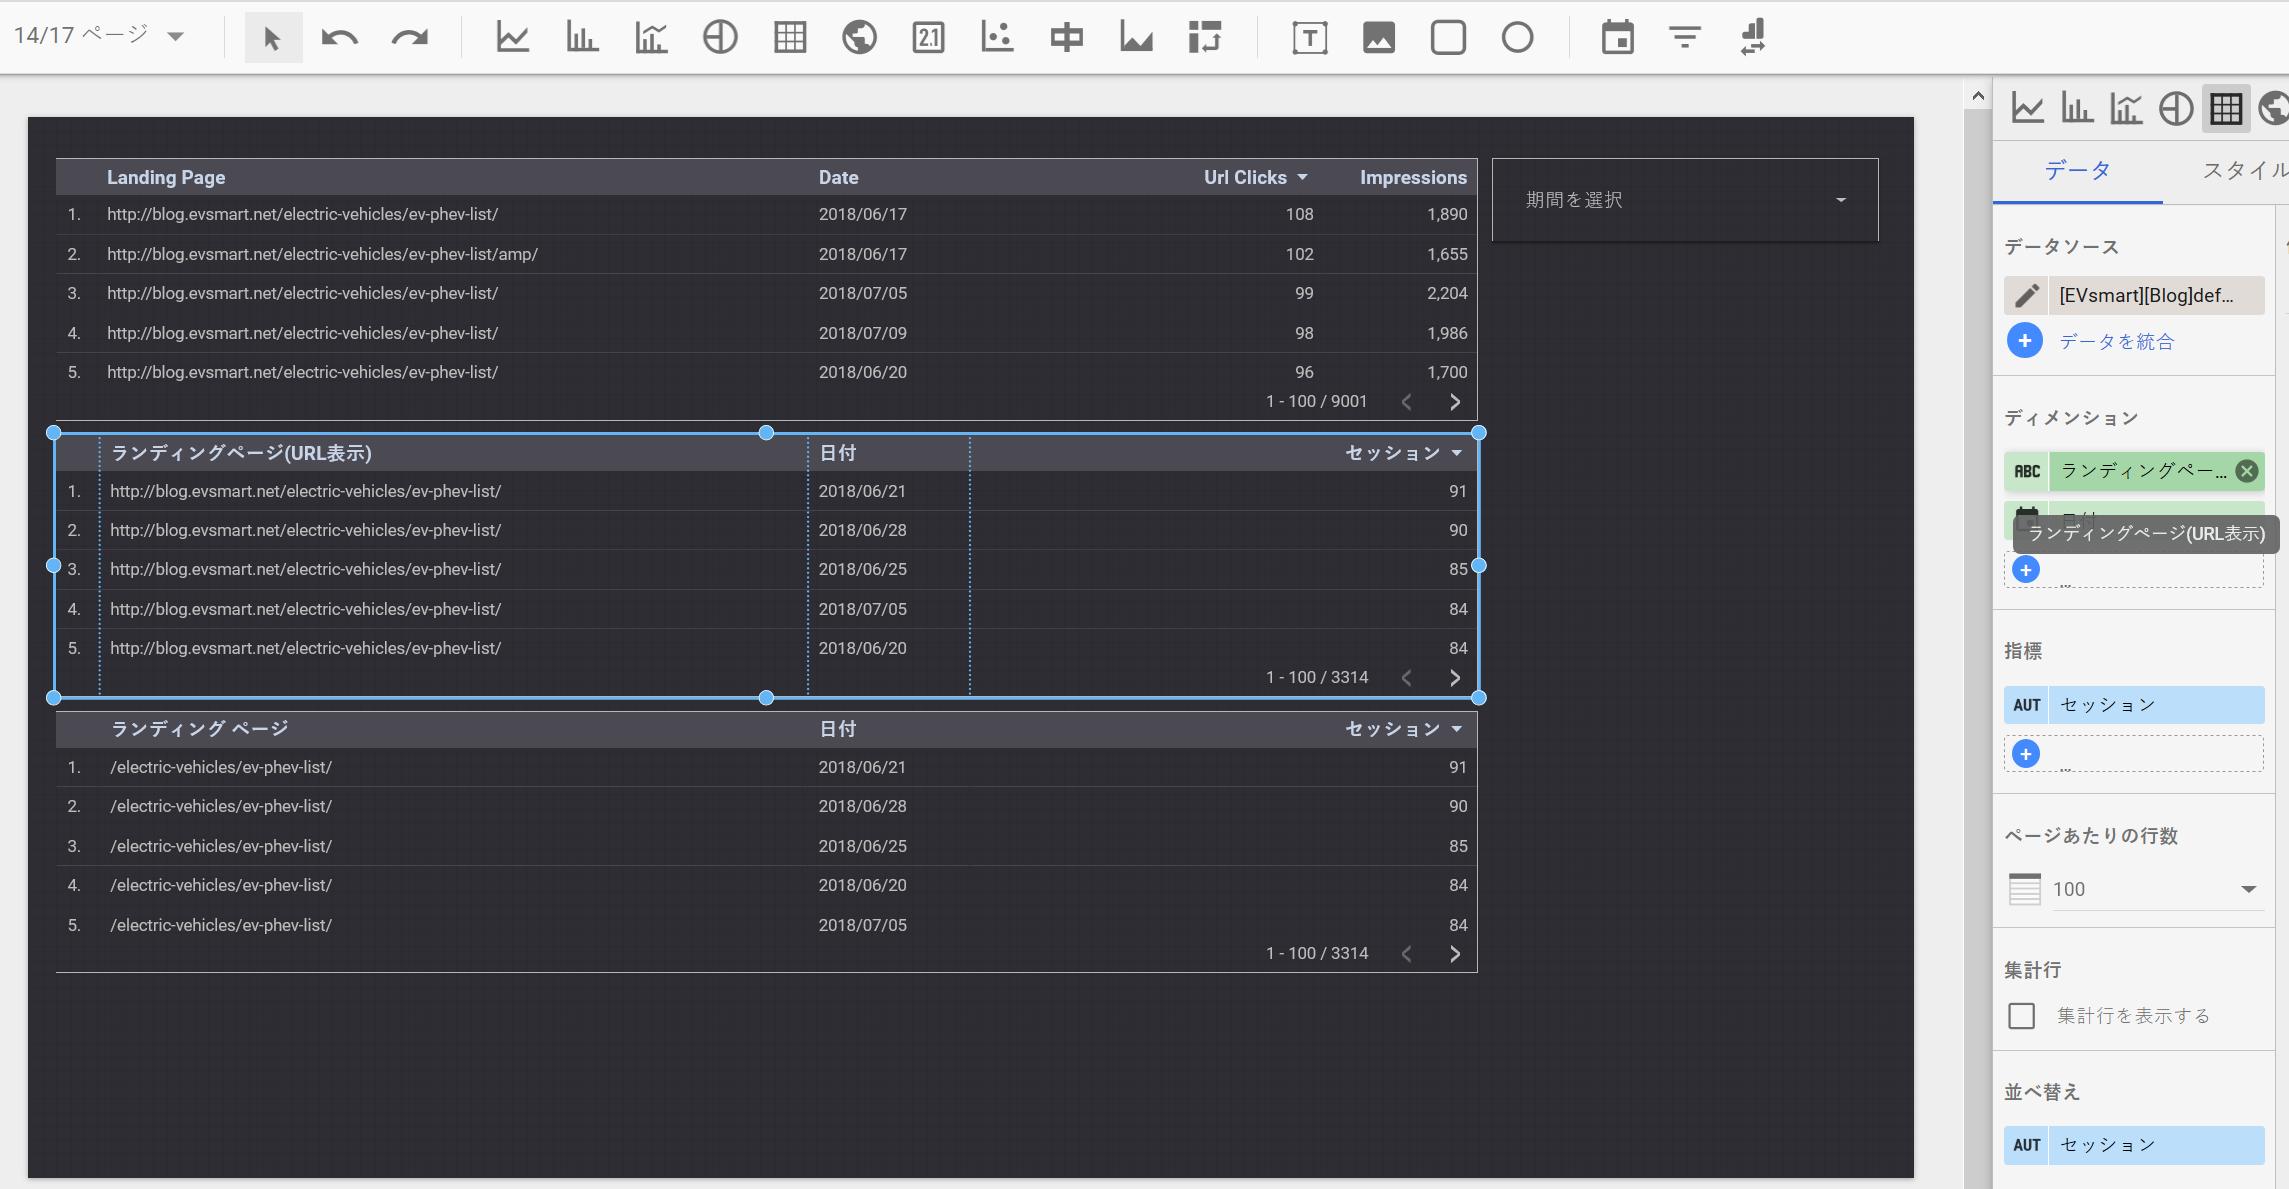 データソースに追加したGoogleアナリティクスのデータソースで、表形式のレポートを表示